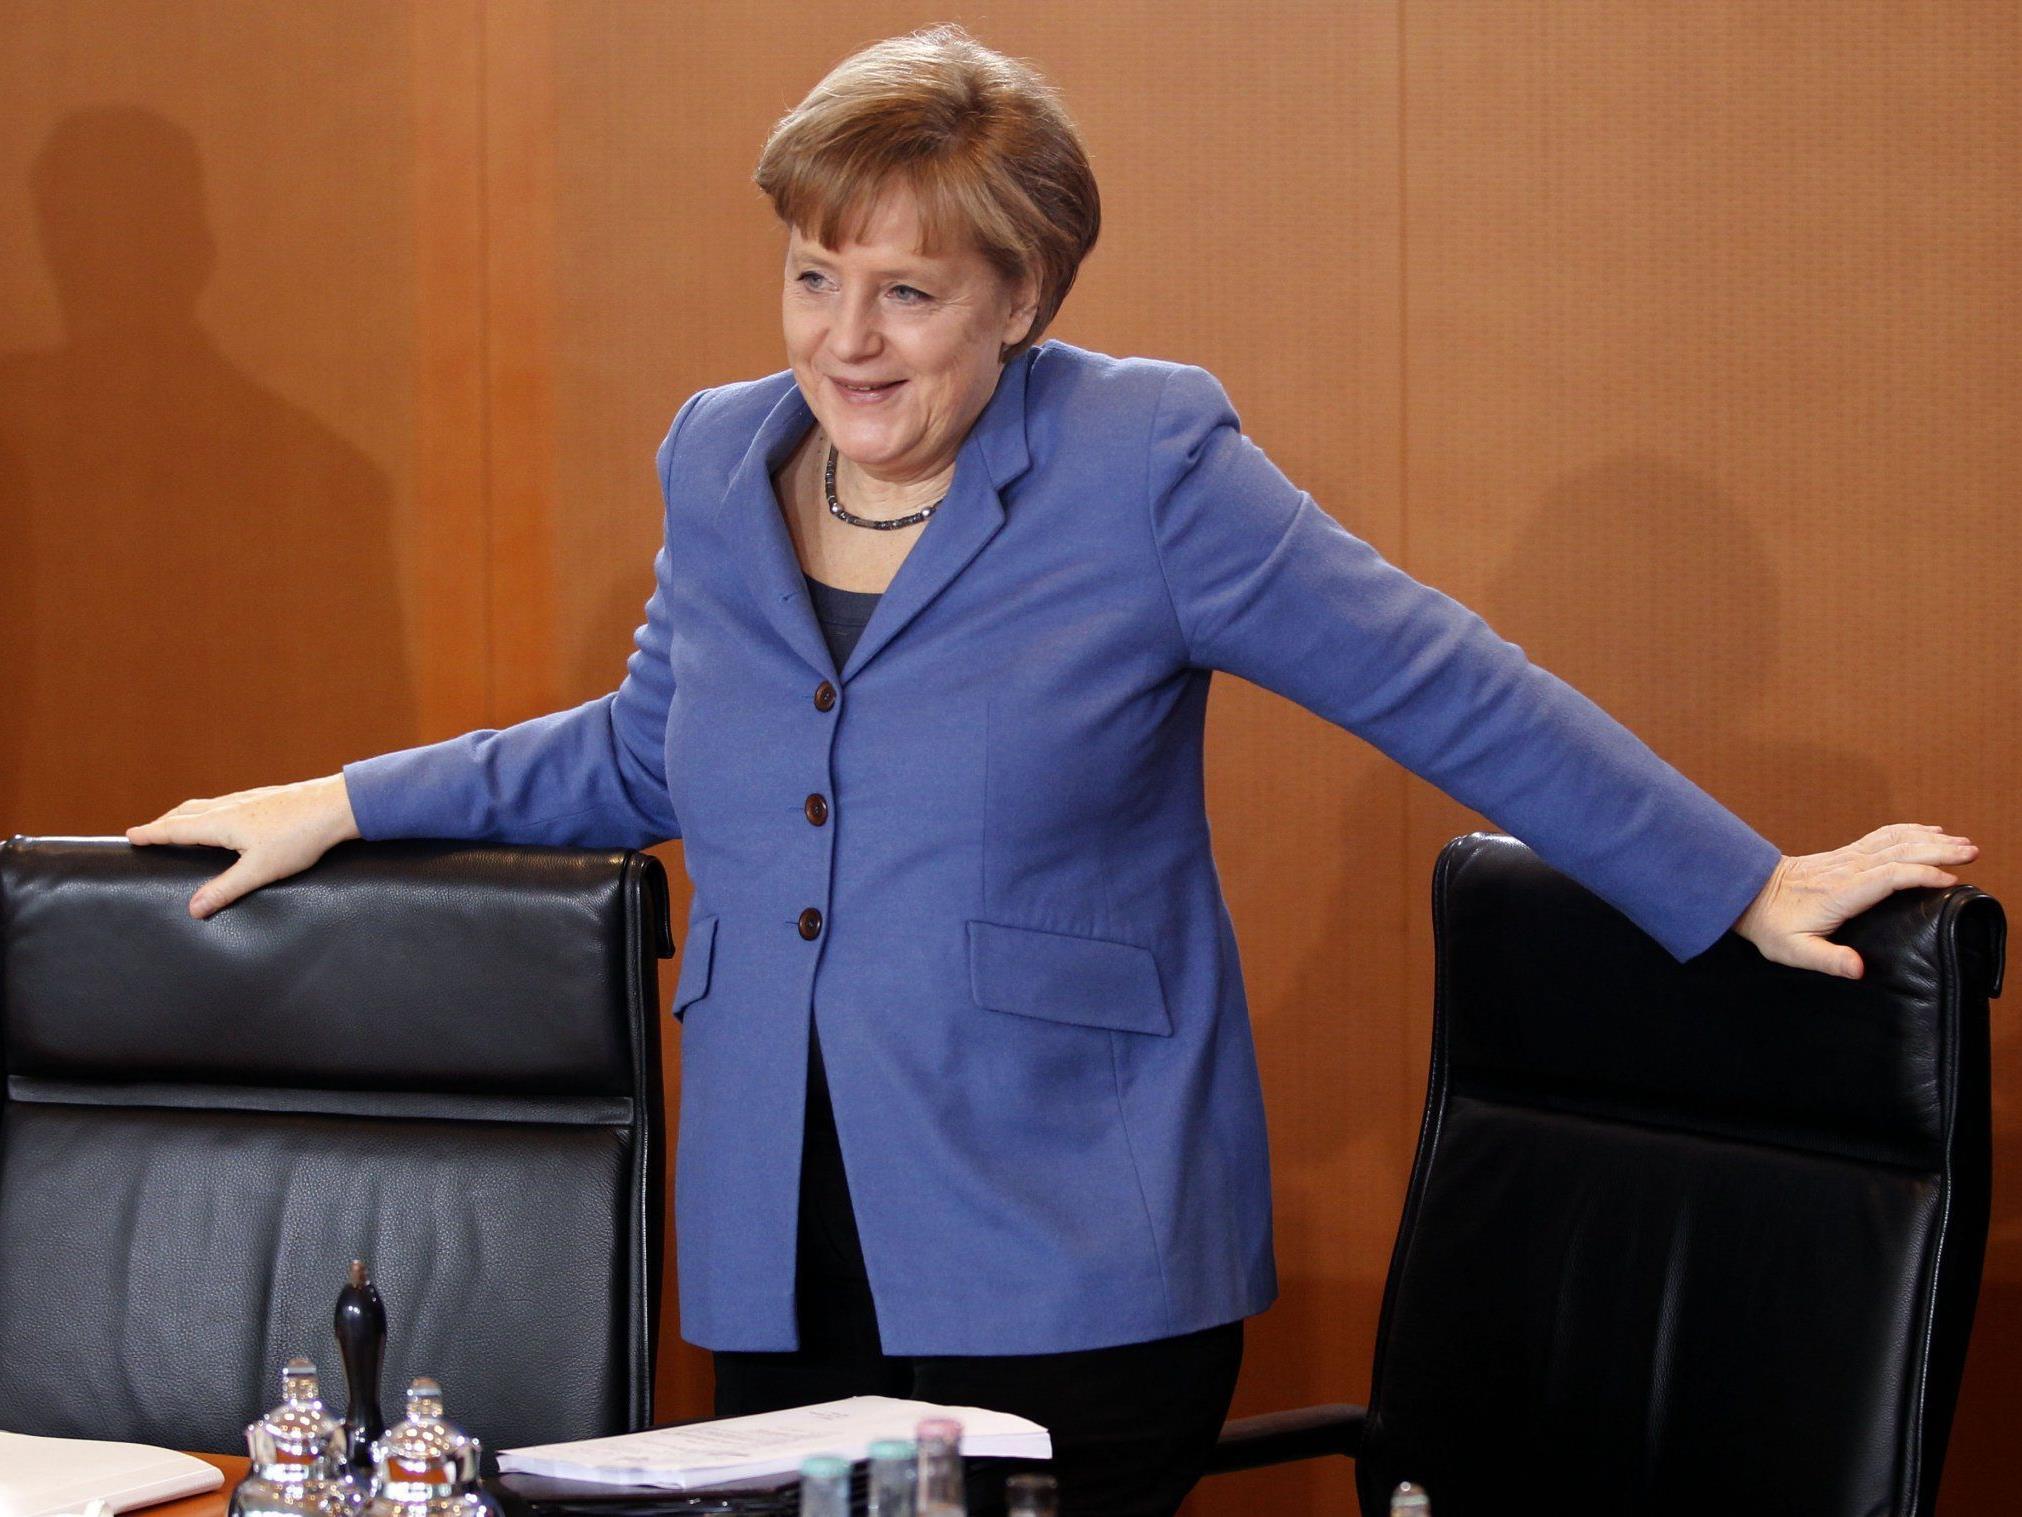 Wieder etwas Aufwind: Die CDU geht als Sieger aus den saarländischen Wahlen hervor.